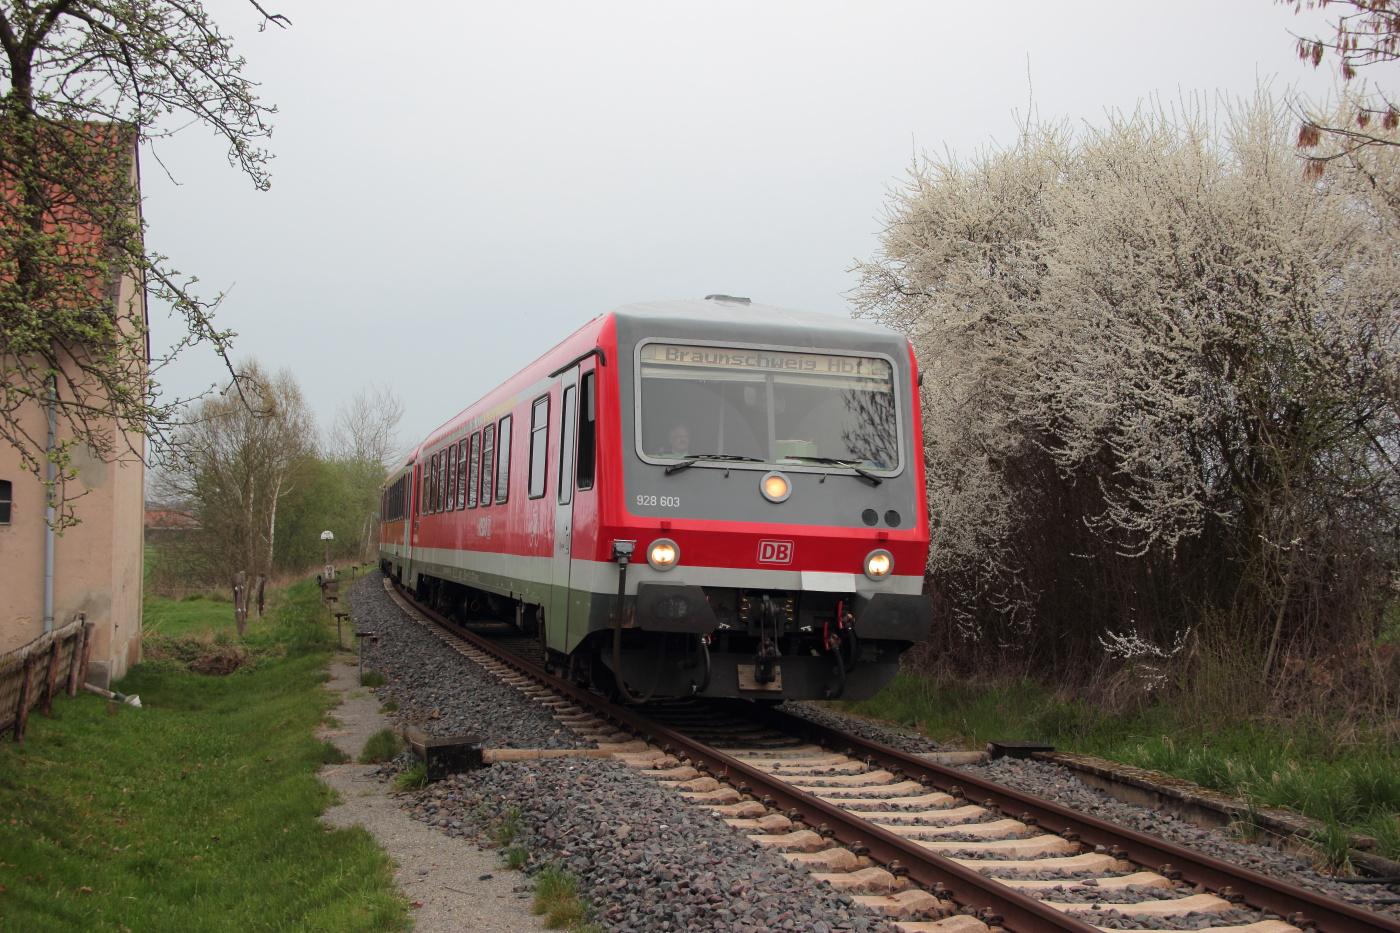 http://www.nachtbahner.de/Fotos/2014-04-05%20M%c3%bchlenbahn/k-IMG_2558%20KBS%20115%20M%c3%bchlenbahn%2005.04.14%20(6).JPG